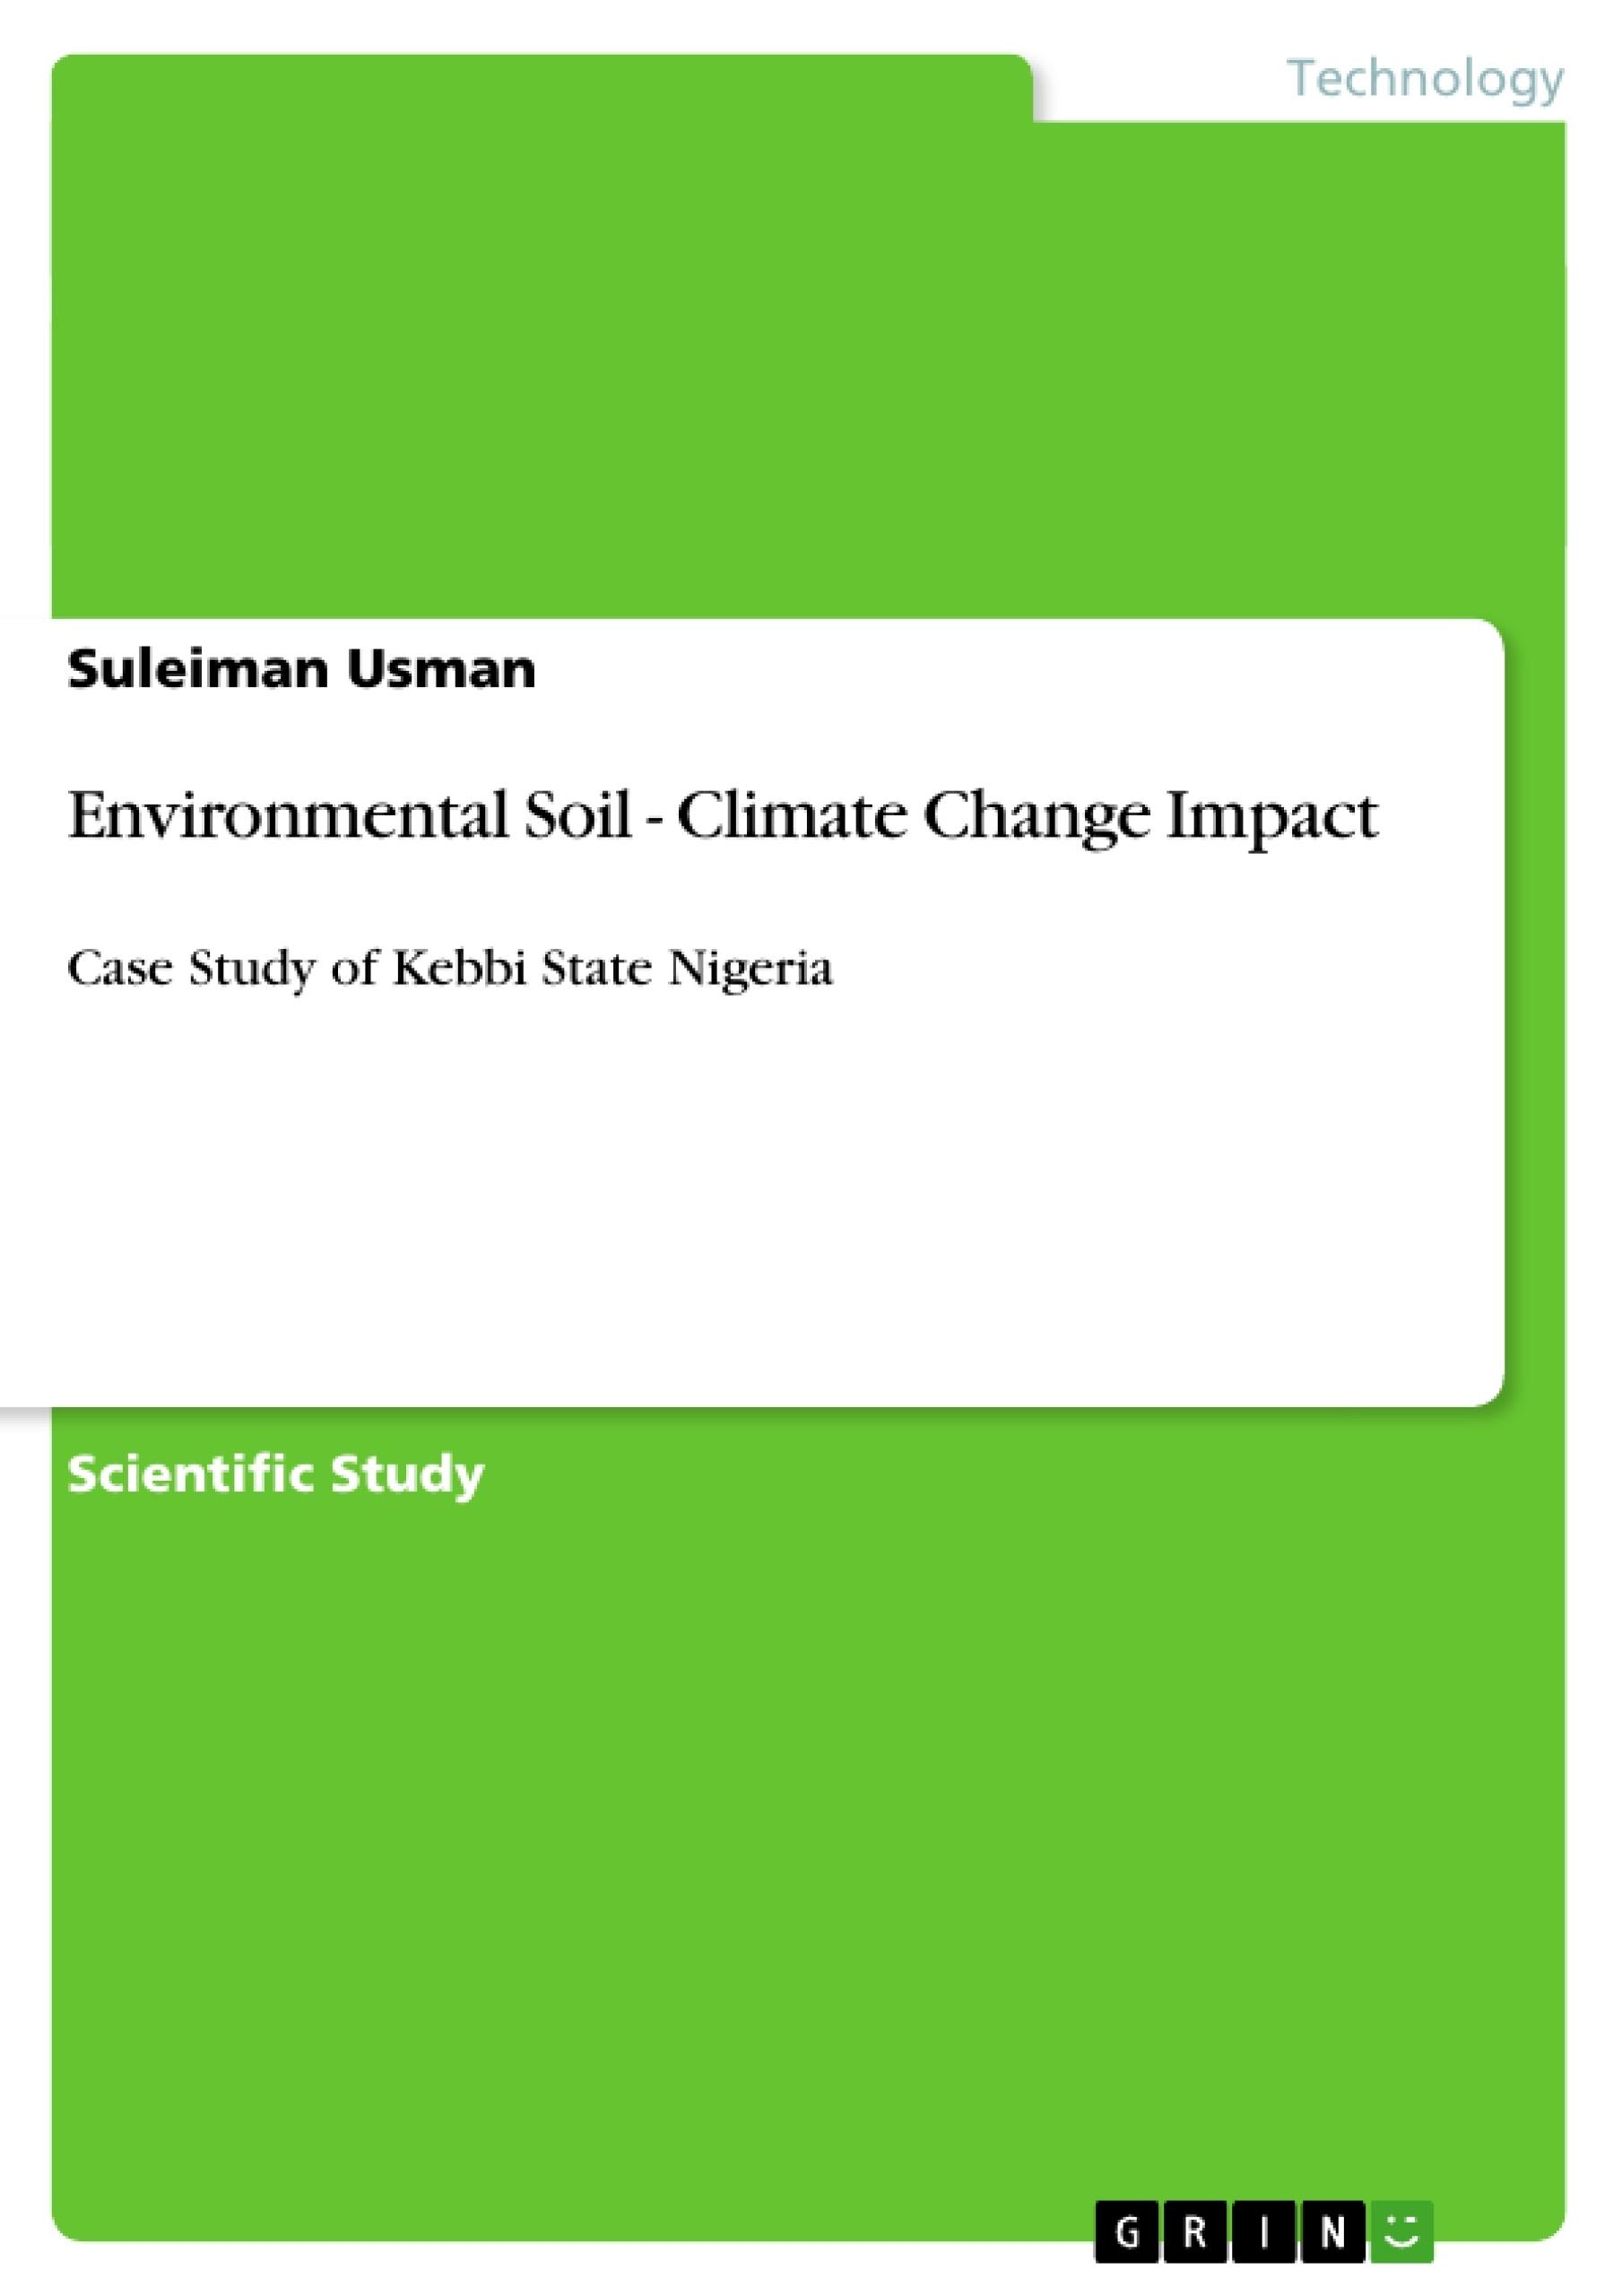 Title: Environmental Soil - Climate Change Impact